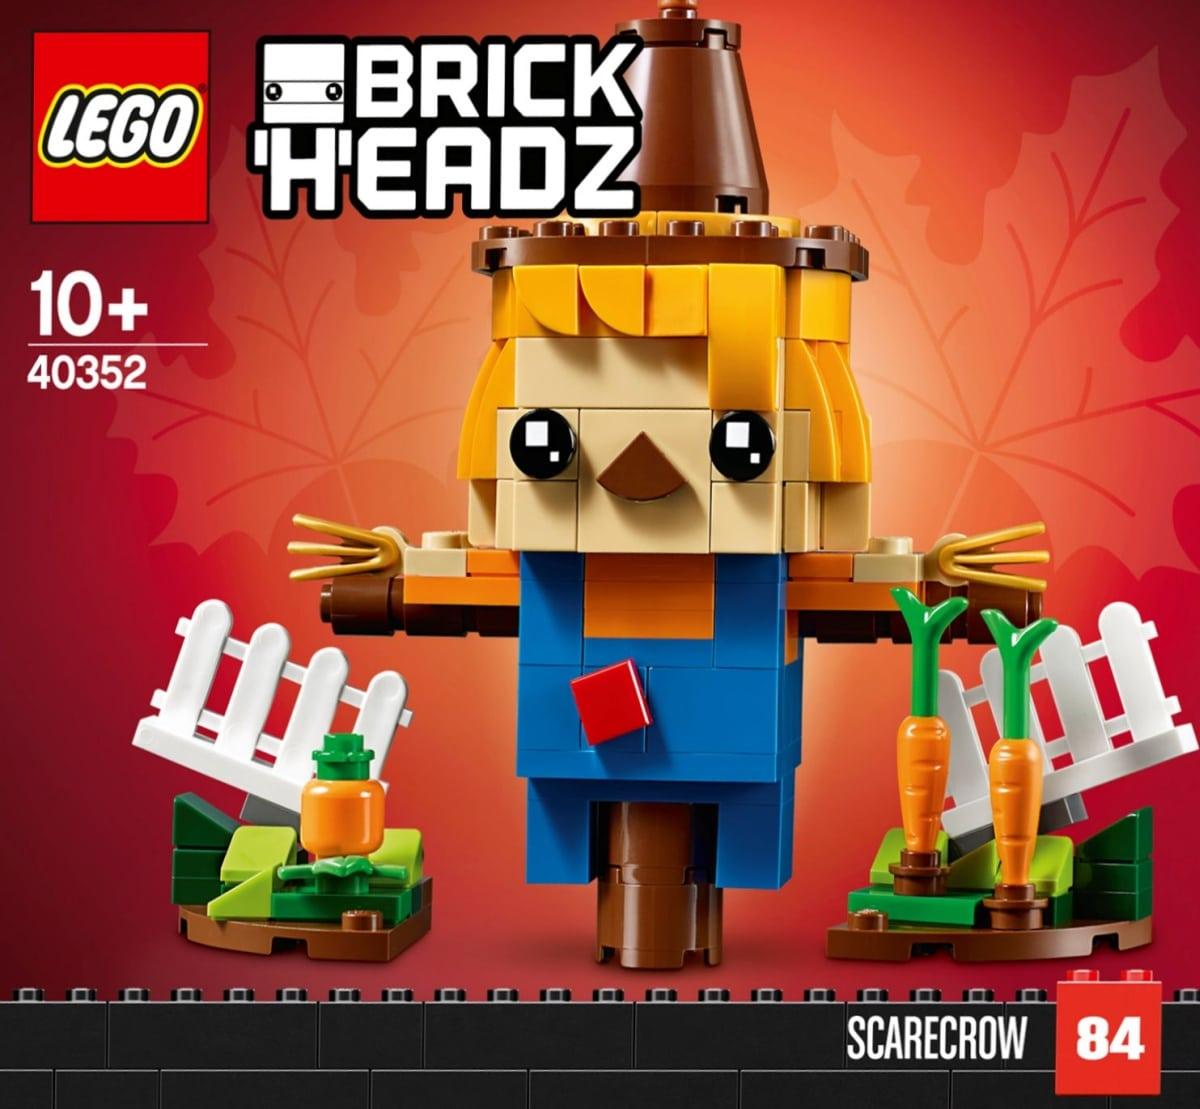 LEGO 40352 BrickHeadz Vogelscheuche Box Front